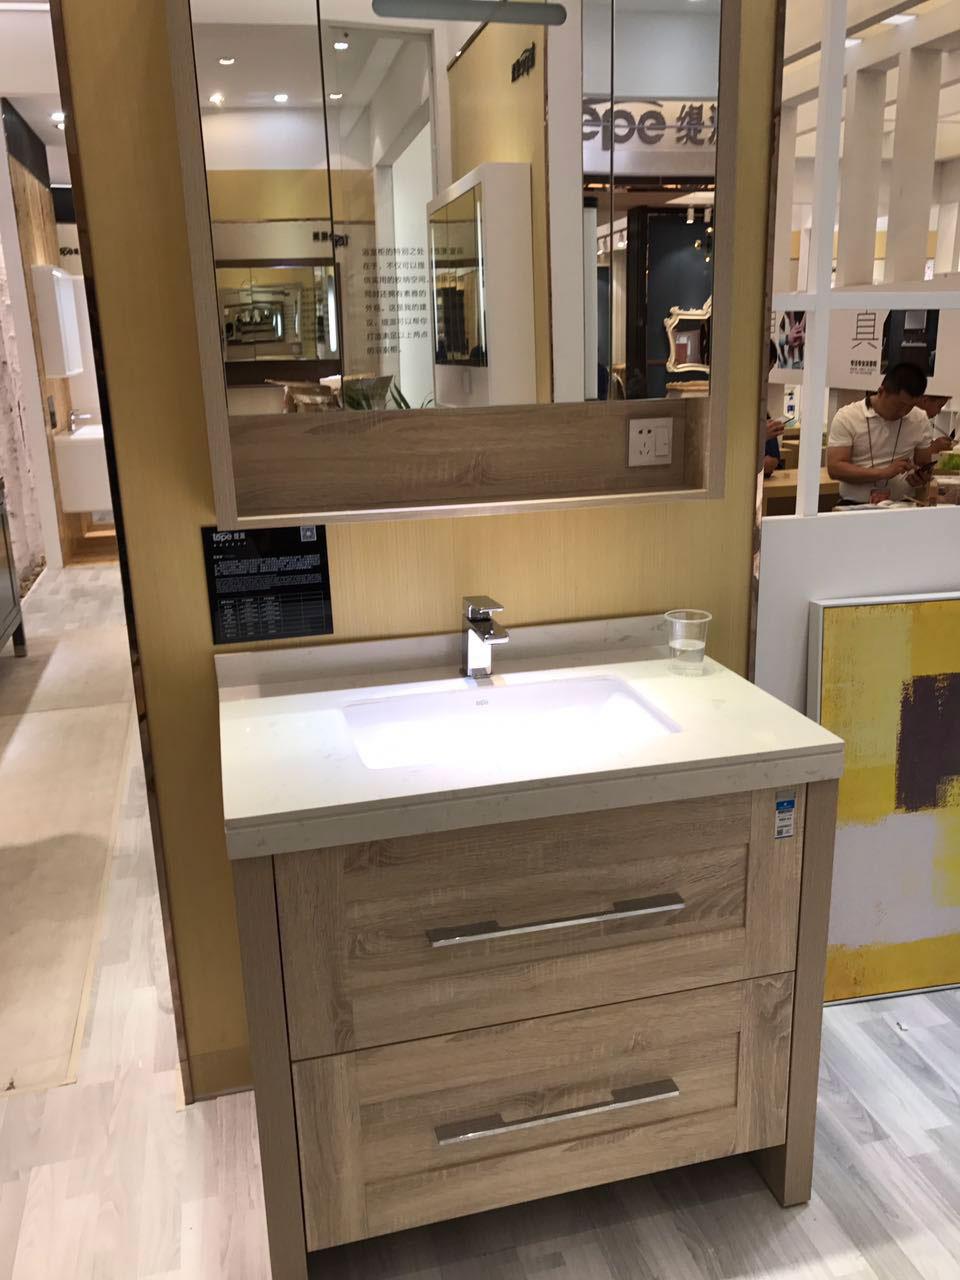 水鹿卫浴-洗面-浴室柜-水鹿精选浴室柜PY1809A(不含龙头和下水,备注好交期)